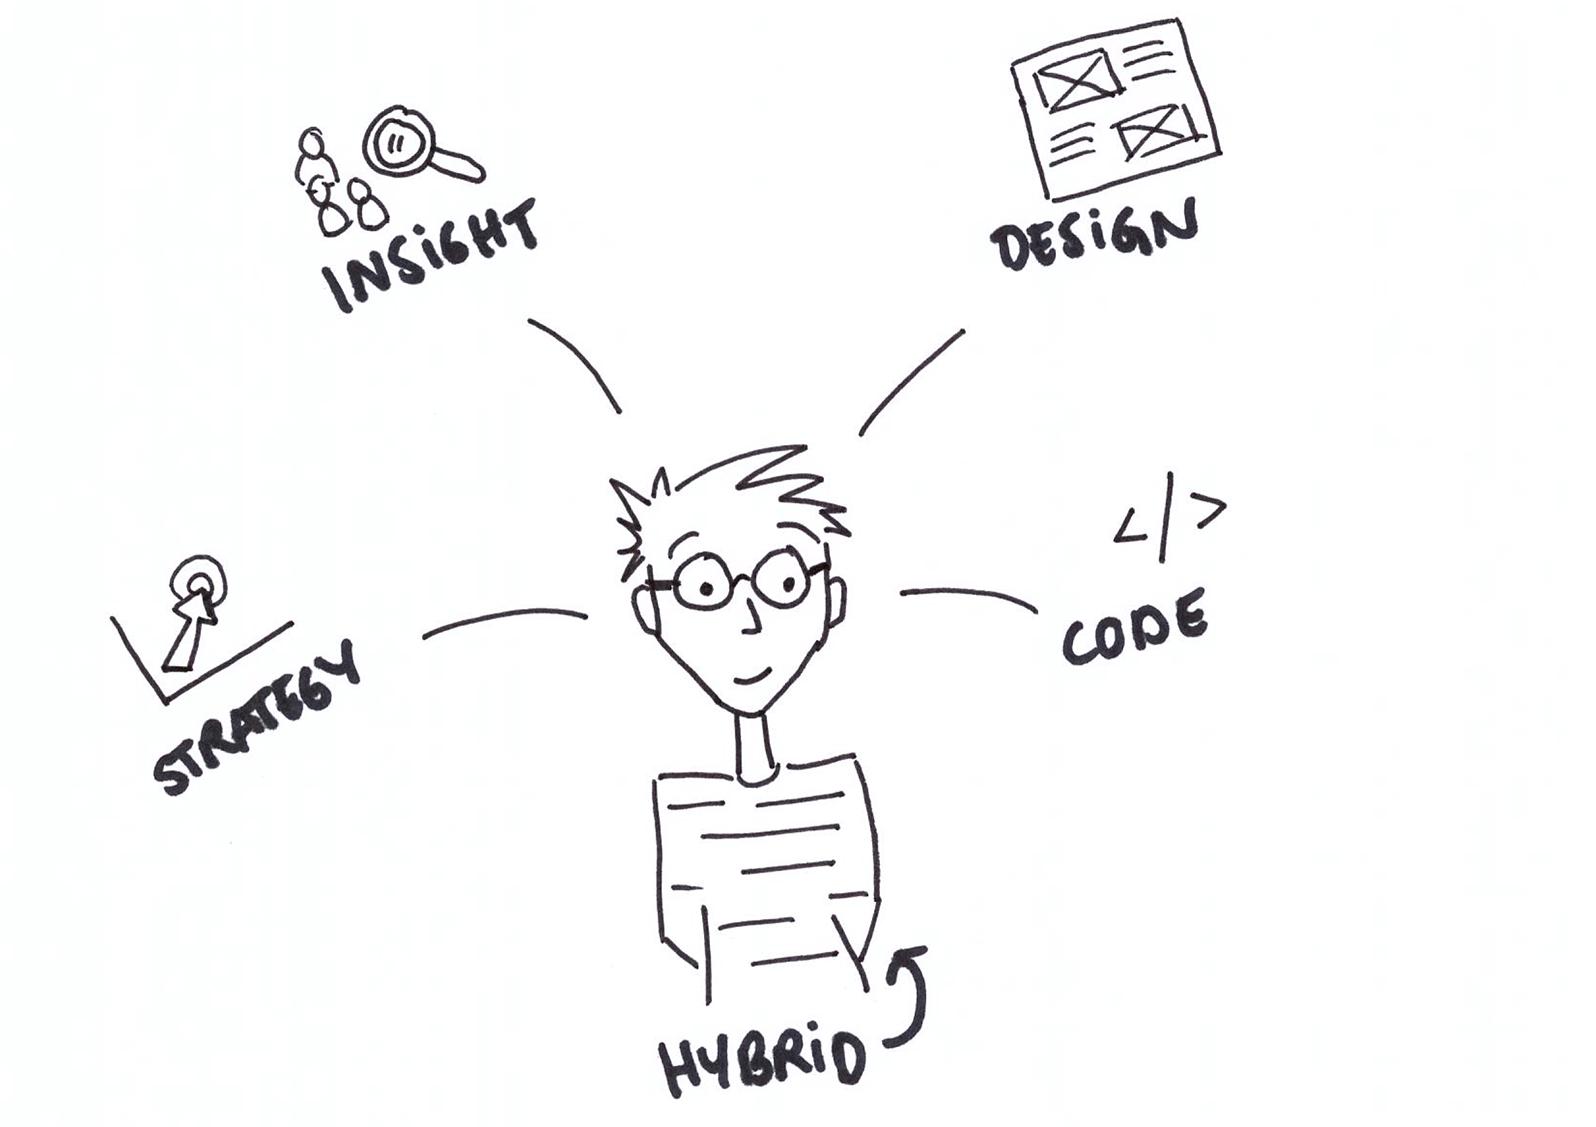 Hybrid-Designer.jpg